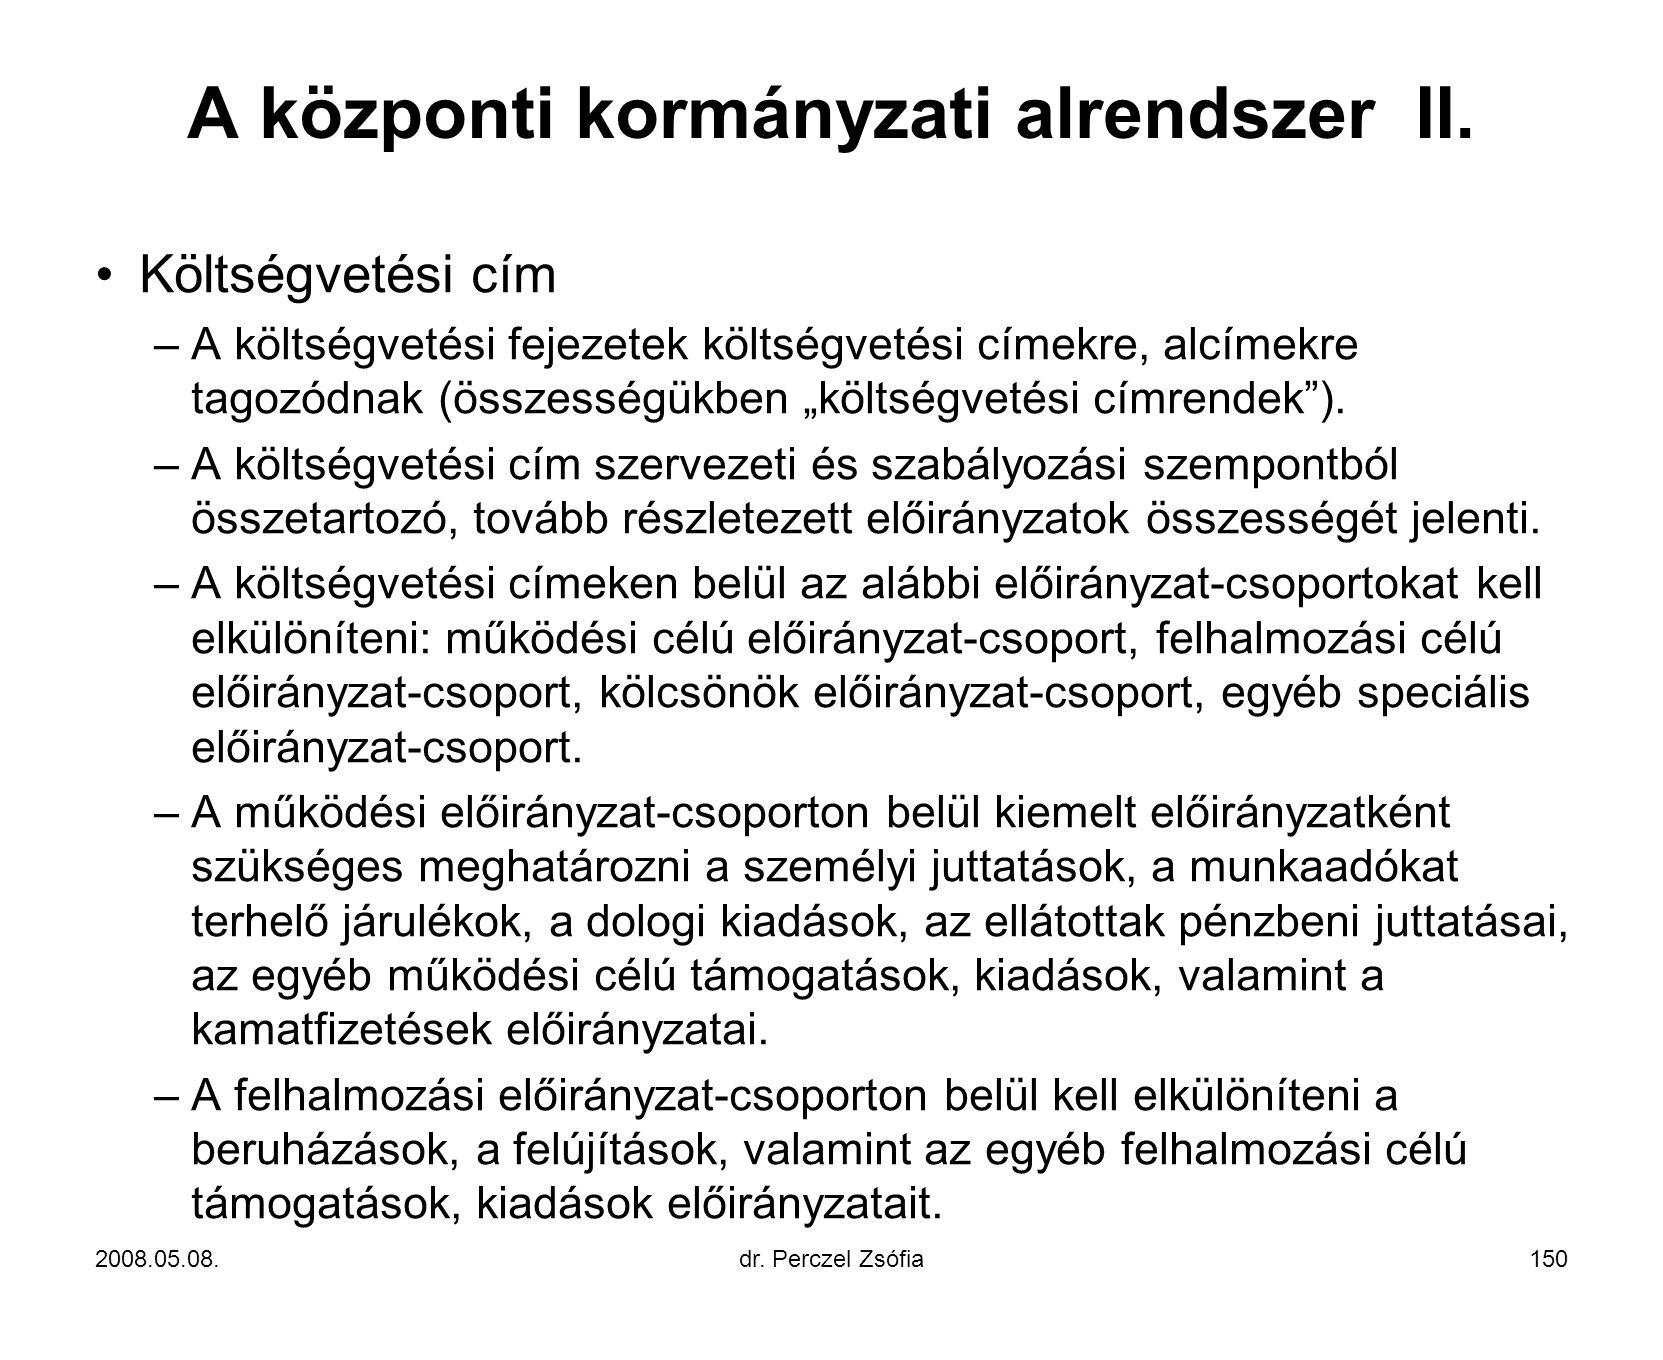 A központi kormányzati alrendszer II.